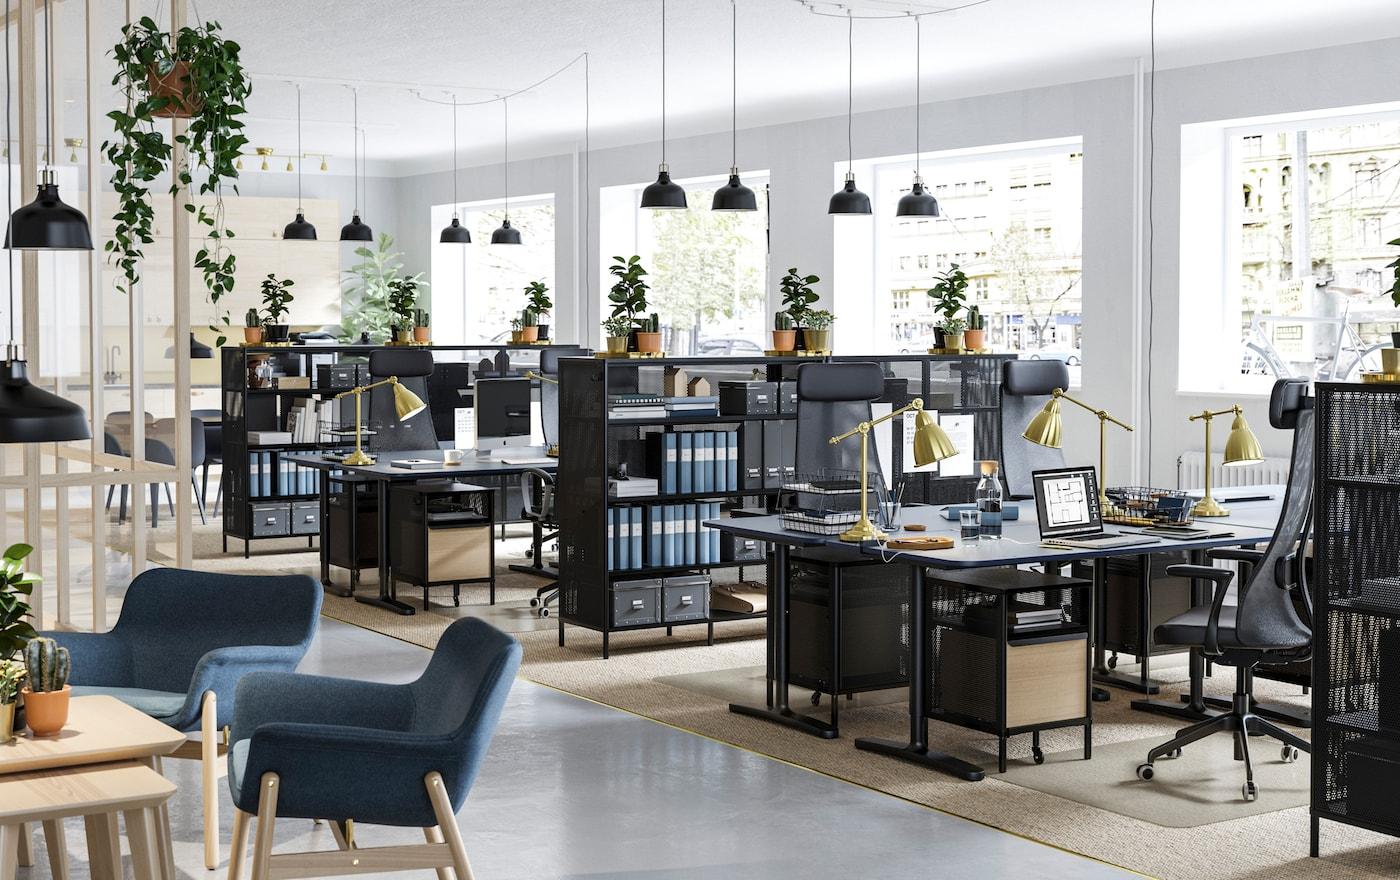 Espaço de trabalho num escritório com plantas na parte superior de estantes BEKANT, em rede preta, e secretárias sentado/em pé BEKANT em preto.